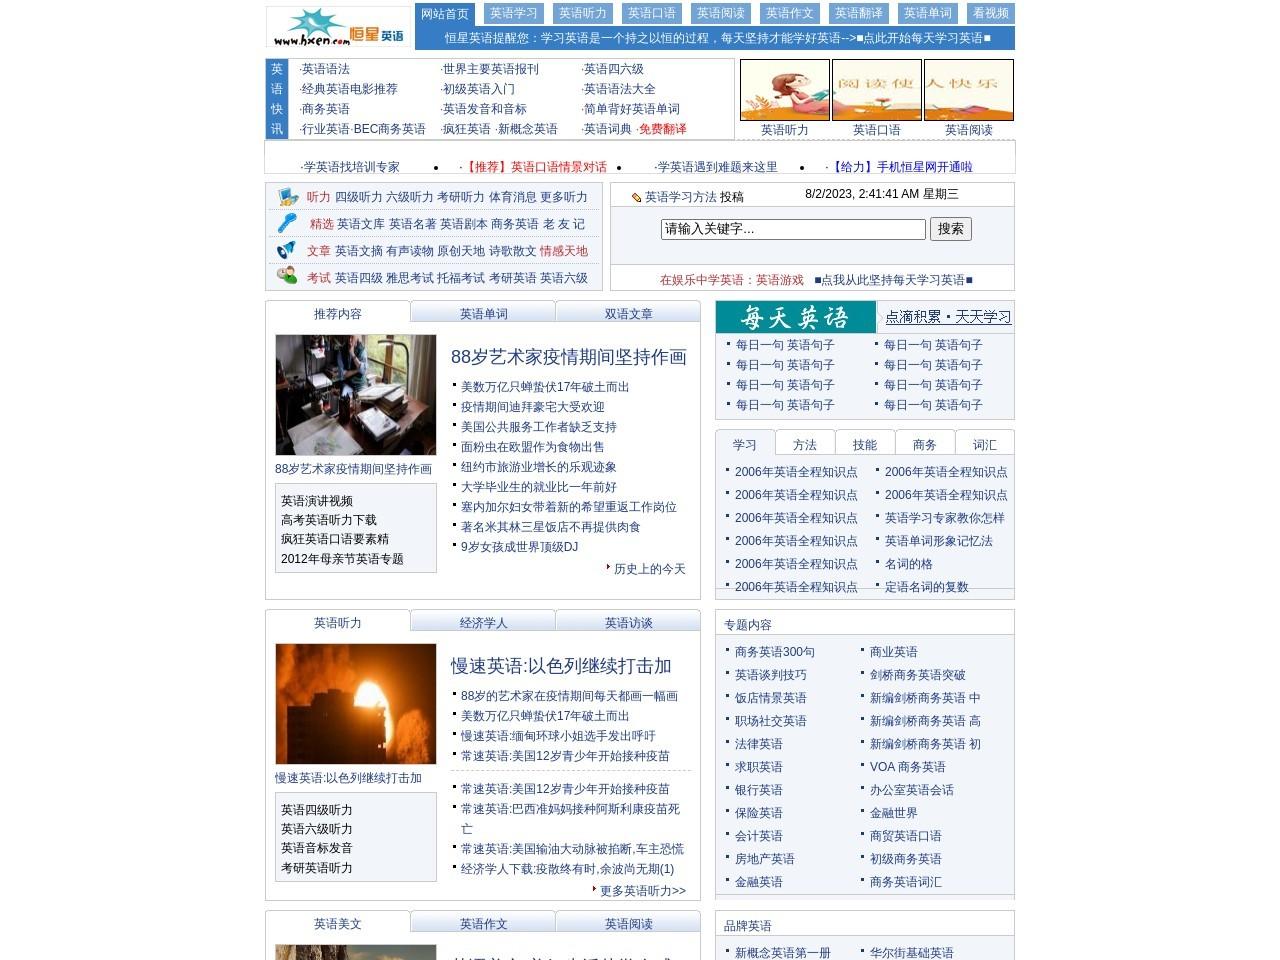 恒星英语学习网_英语资源分享网站